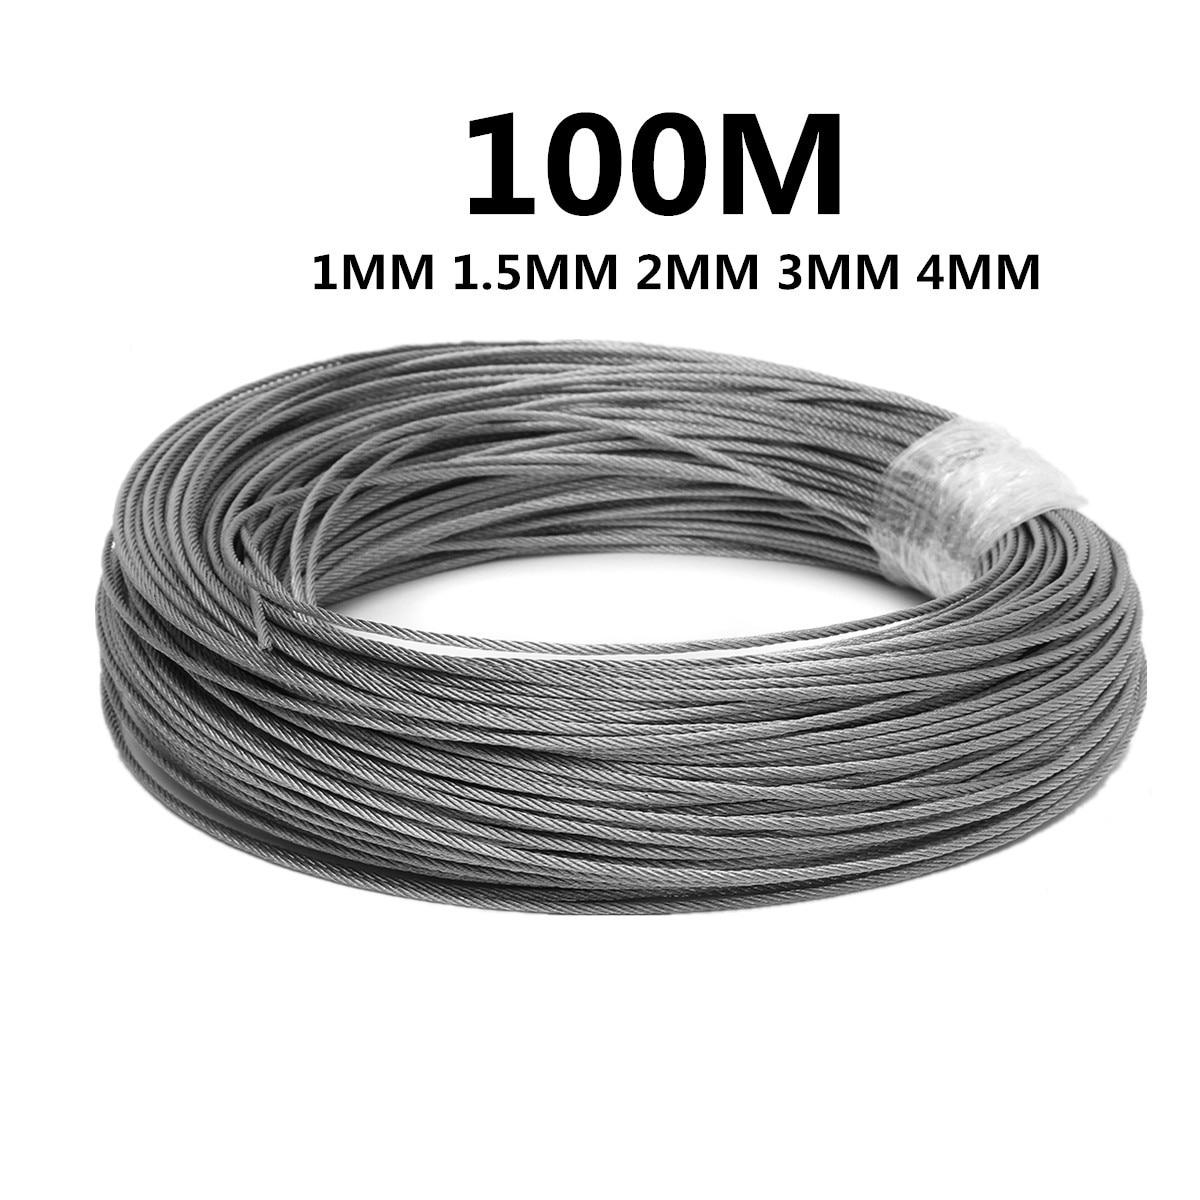 100M 50M304 Edelstahl 1mm 1,5mm 2mm Durchmesser Stahl Draht bare Seil hebe Kabel linie Wäscheleine rostfrei 7X7